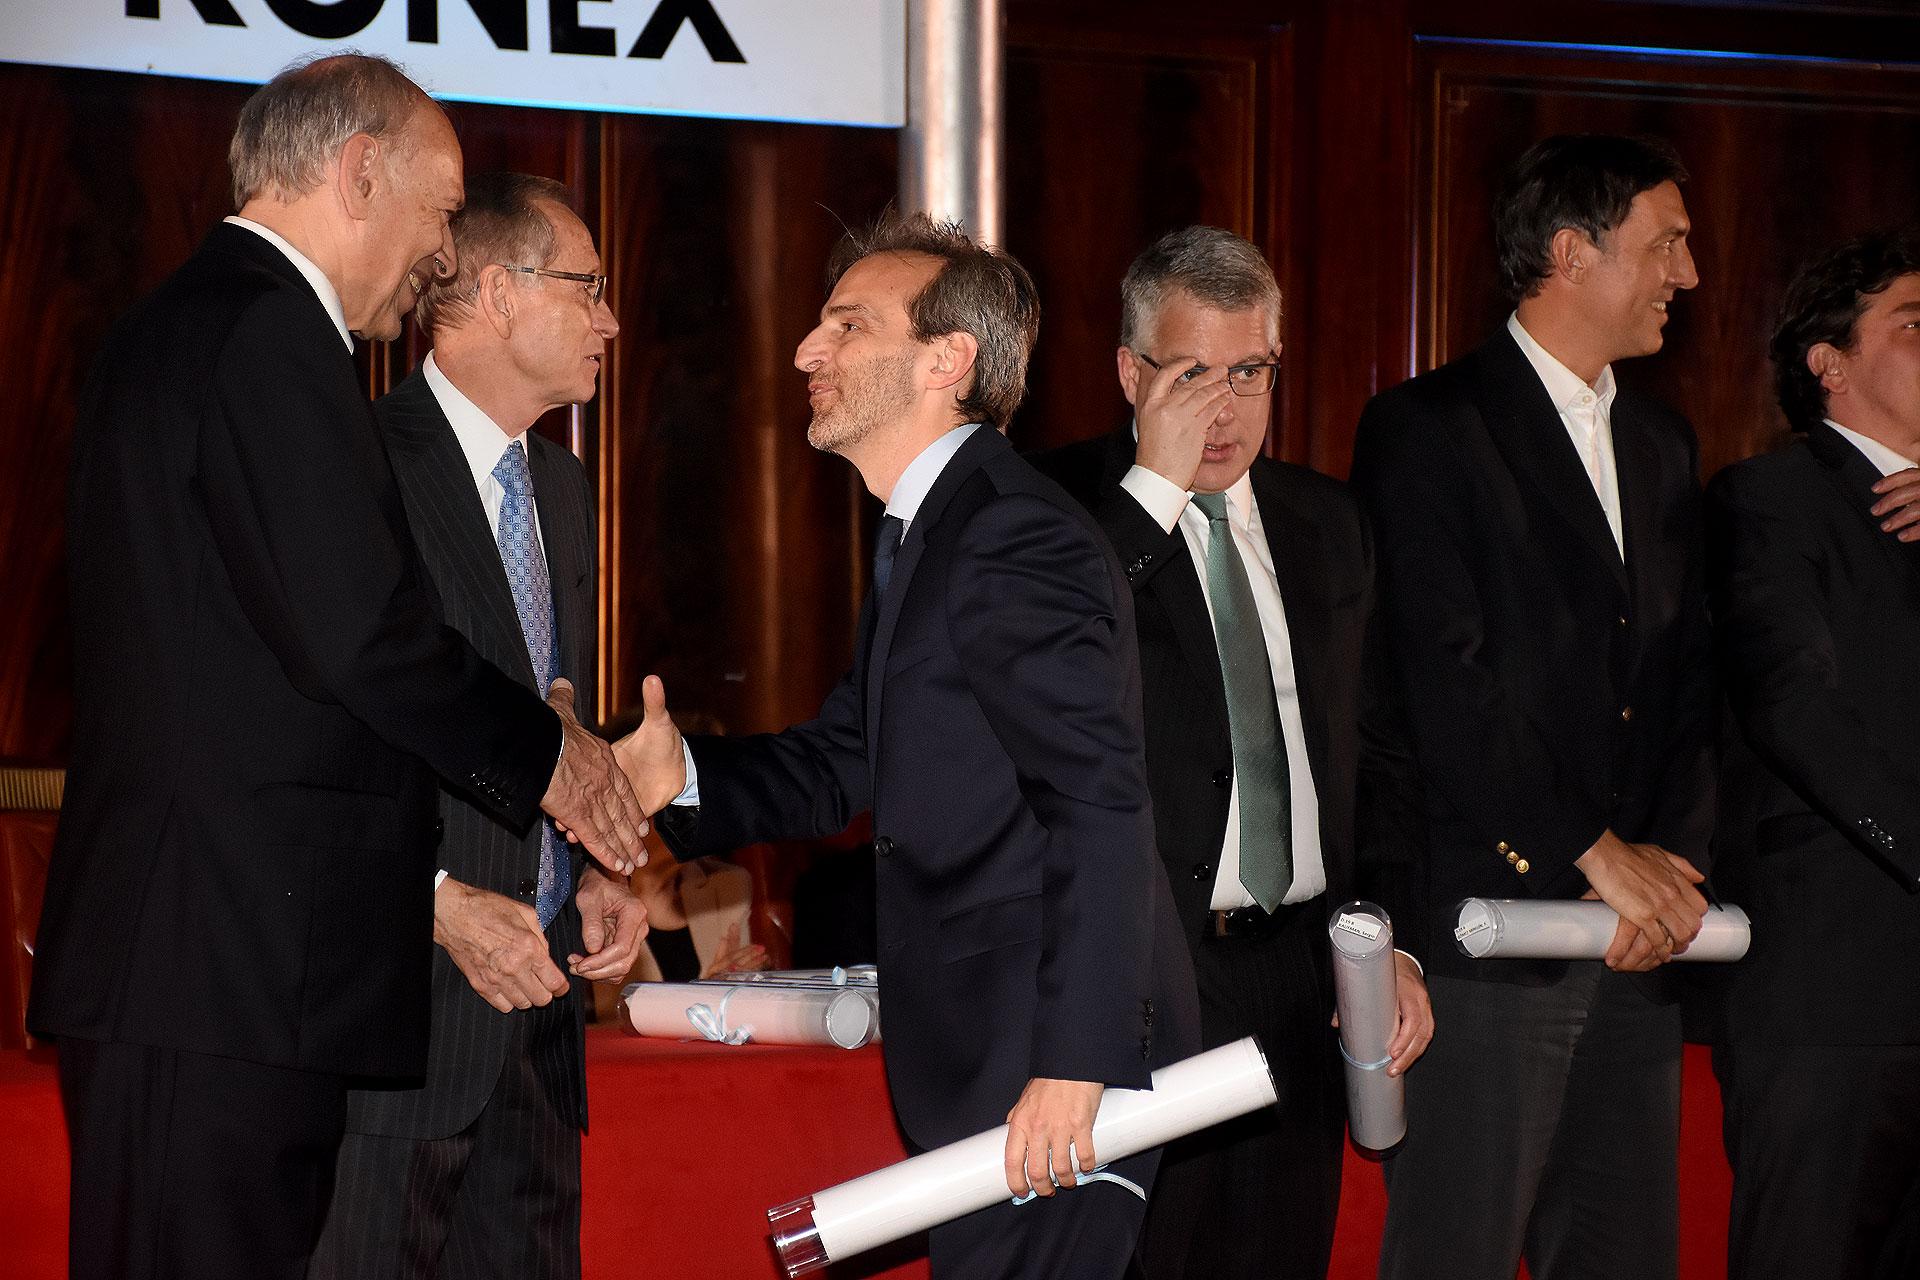 Ejecutivos del Comercio, de la Banca y de los Servicios: Facundo Gómez Minujín, Sergio Kaufman, Federico Procaccini, Guillermo Rivaben y Martín Zarich